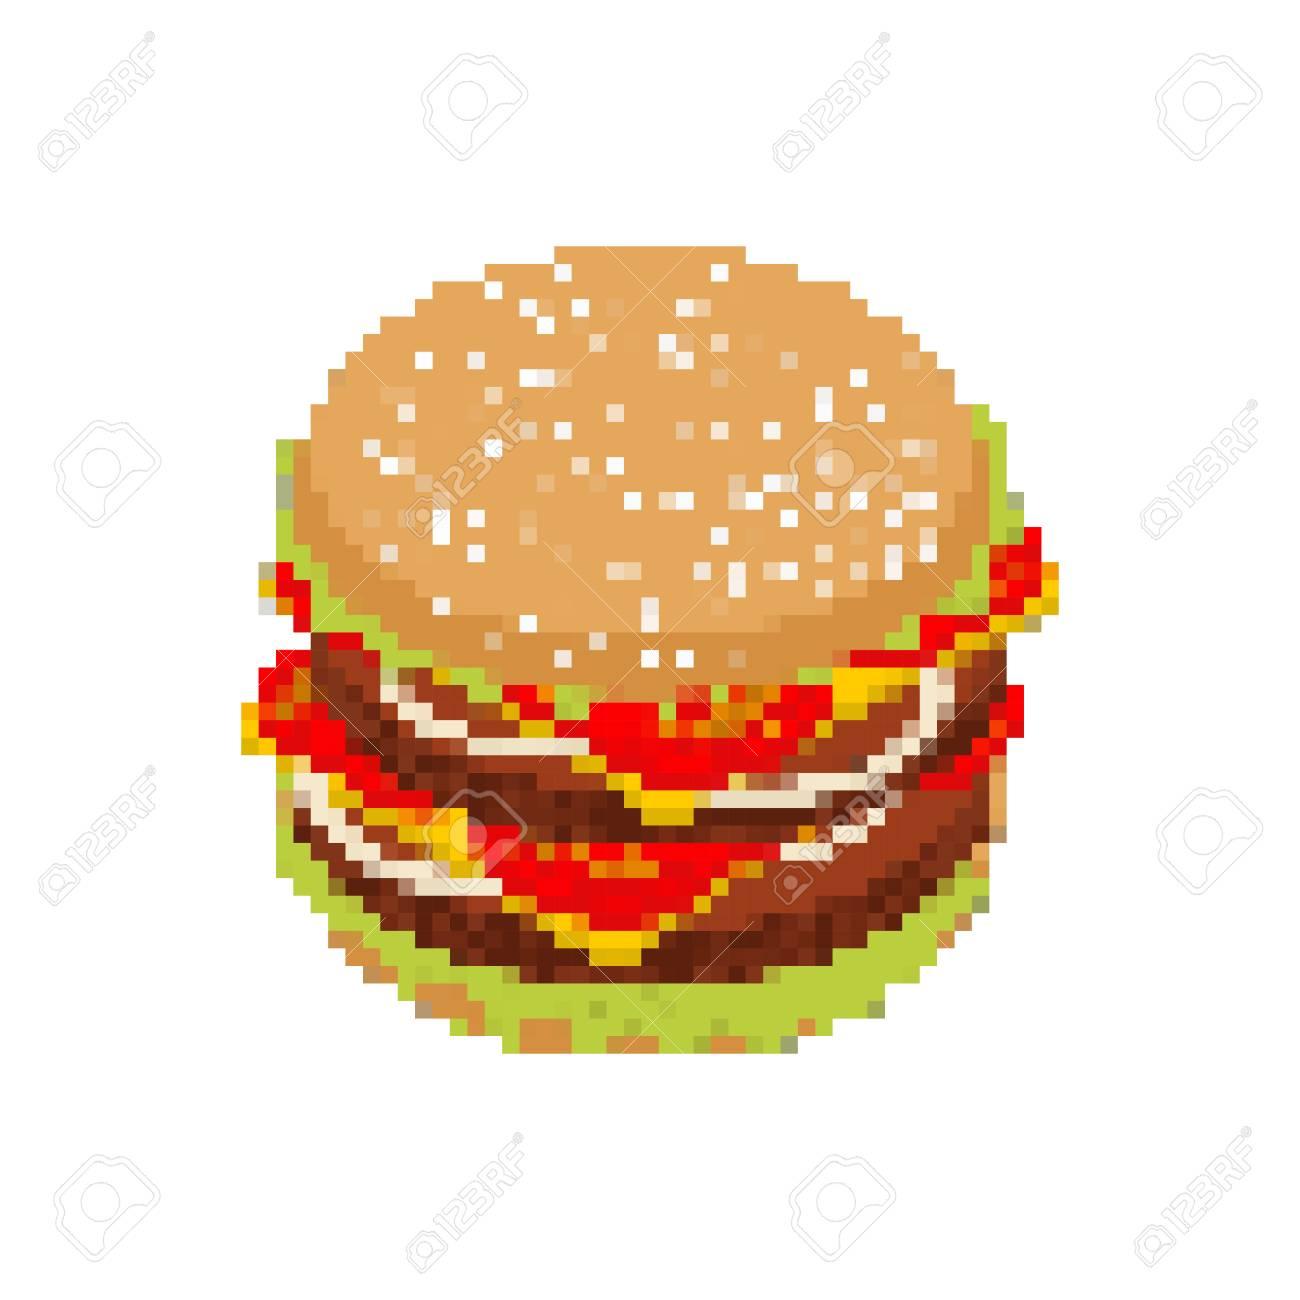 Hamburger Pixel Art Pixelated Fast Food Isolated On White Background